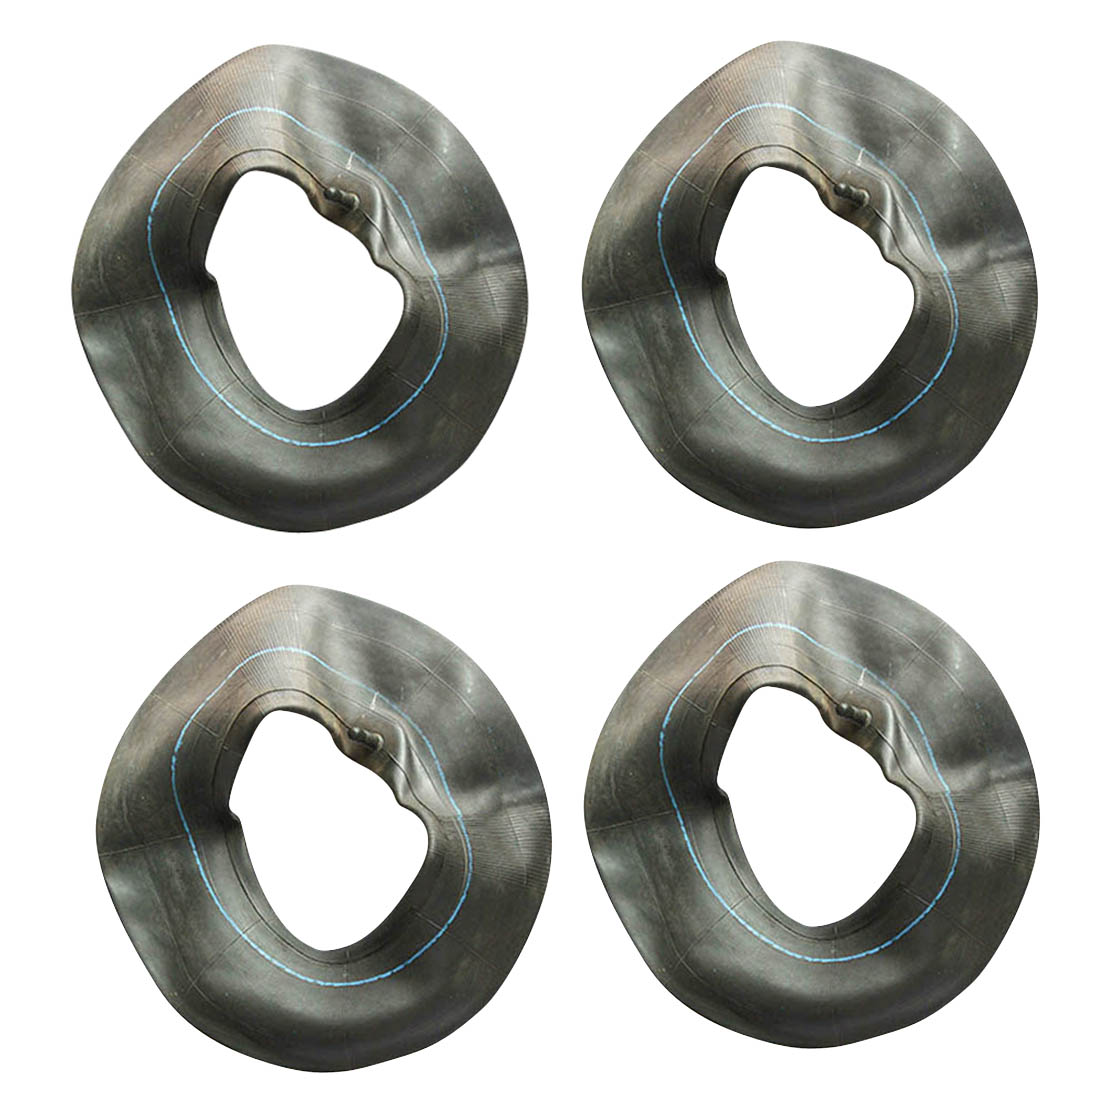 4PCS 4.00/5.00-7 Tire Inner Tube Rubber Valve 7 For ATV QUAD GO KART